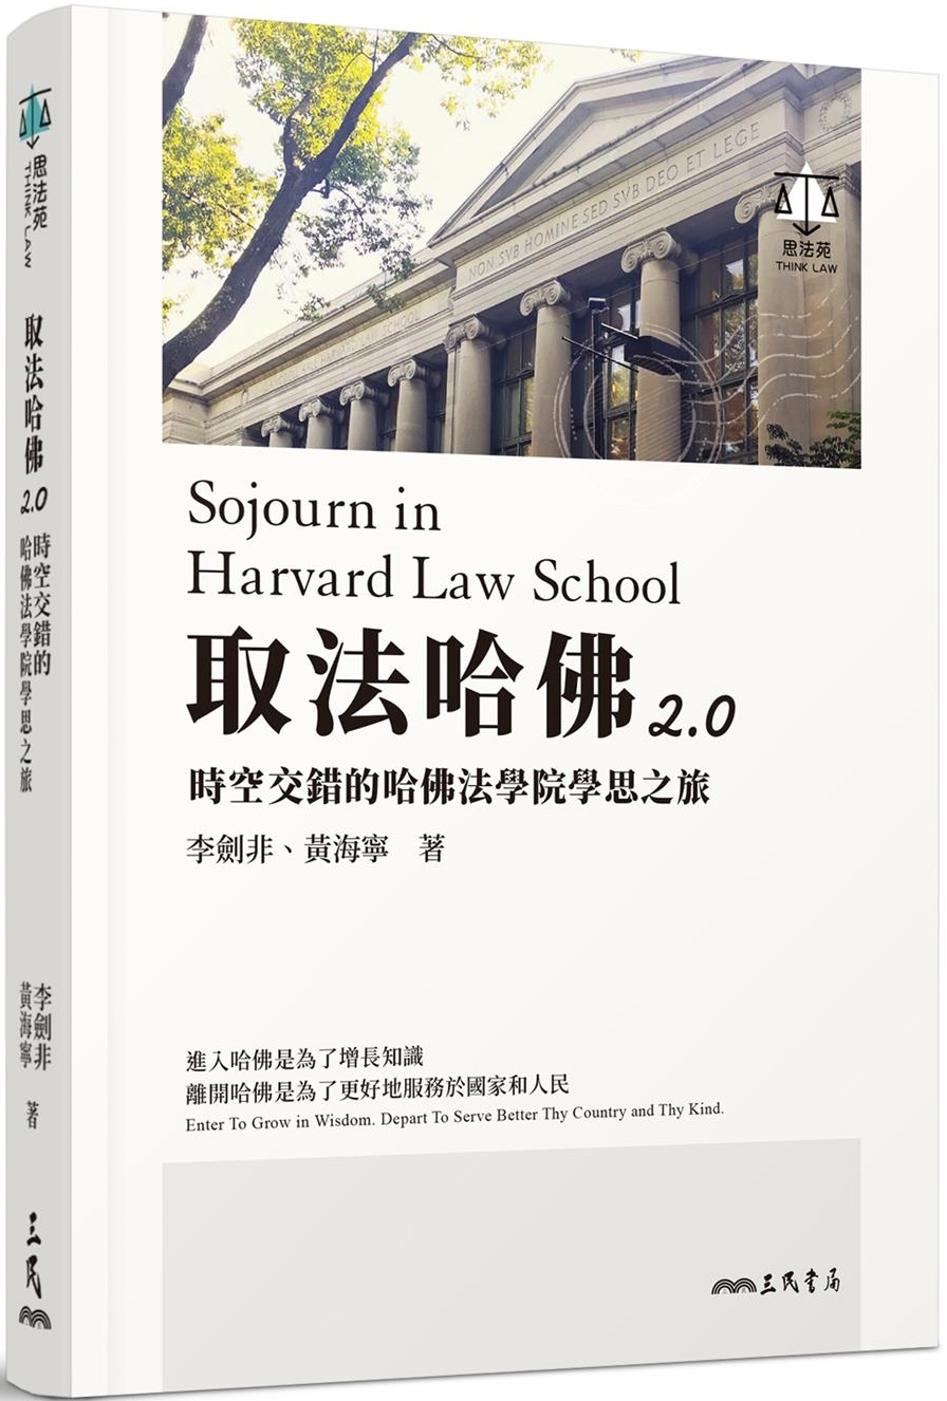 取法哈佛2.0:時空交錯的哈佛...